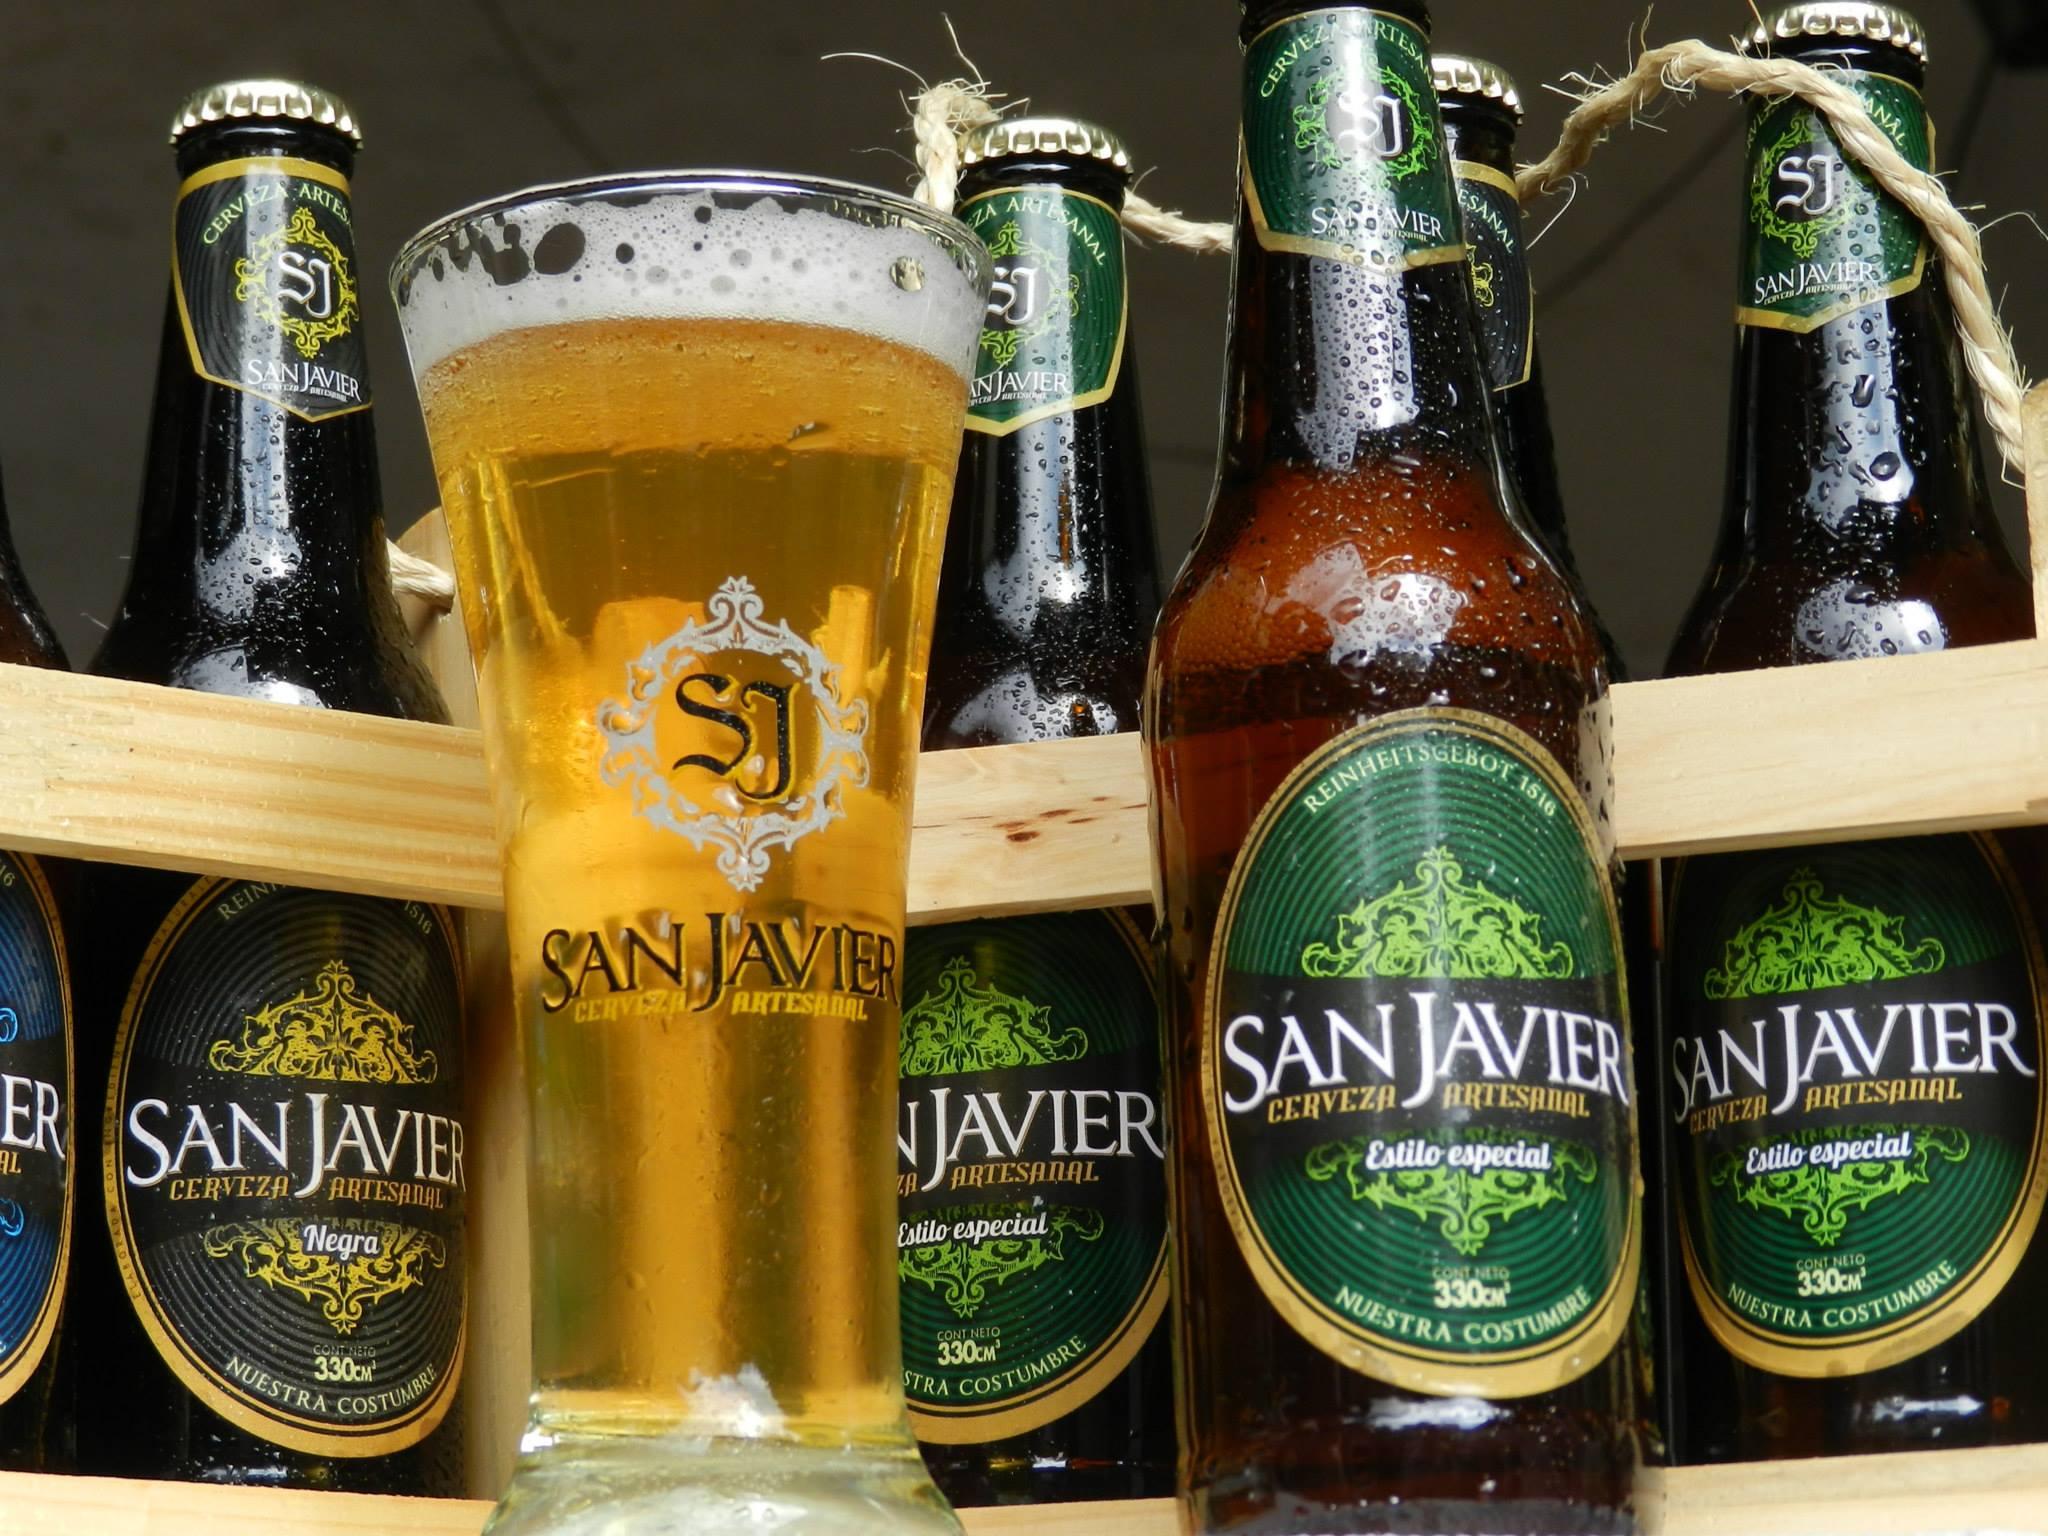 Cervezas artesanales: una delicia del mundo en Argentina